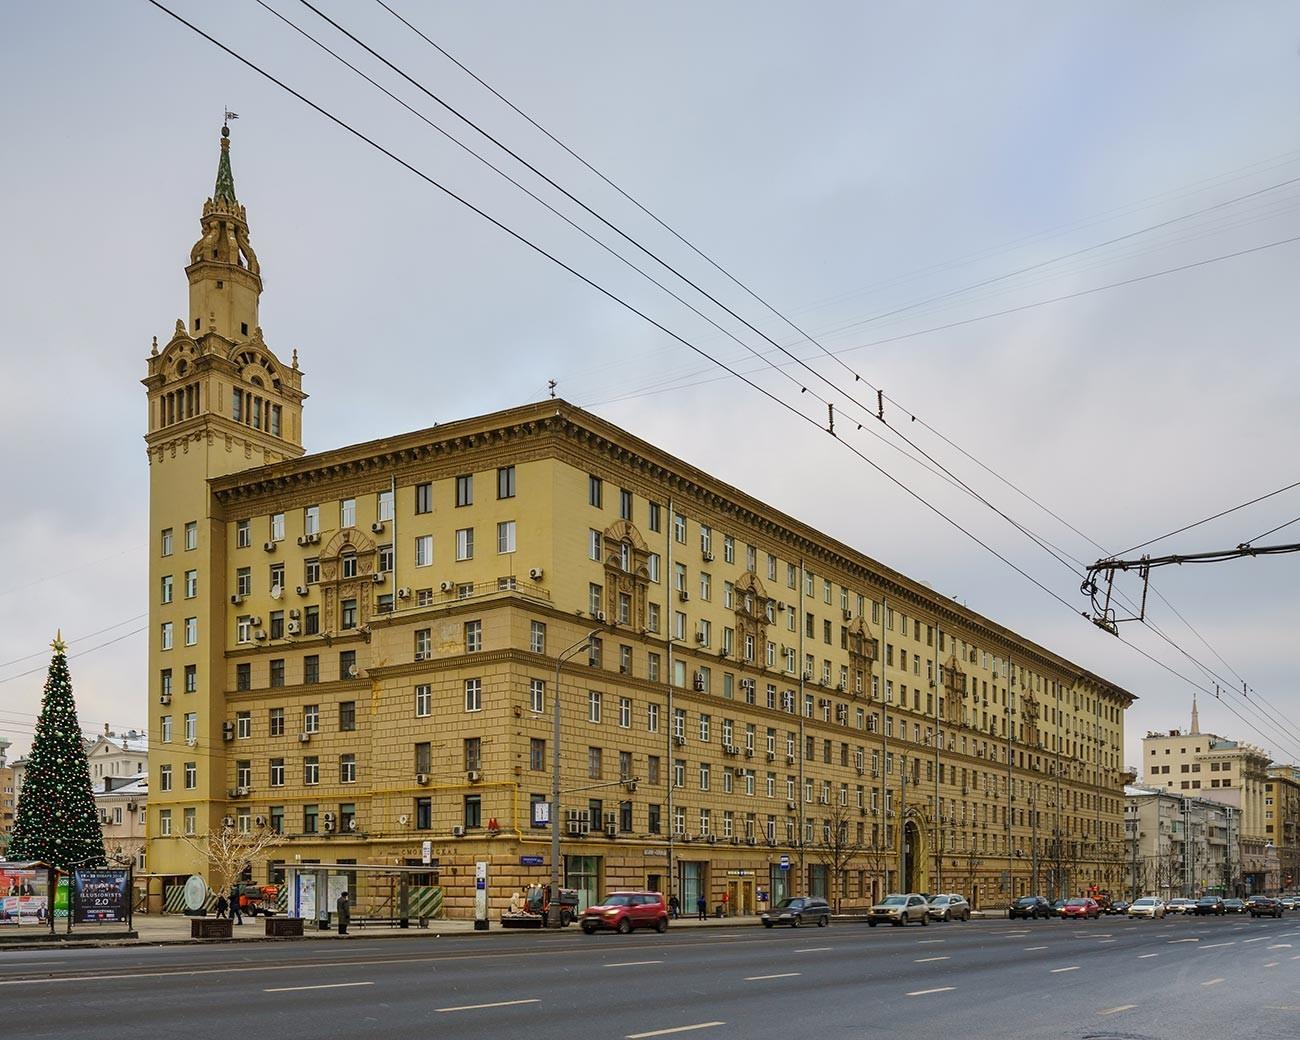 Знаменитый дом на Смоленской площади.